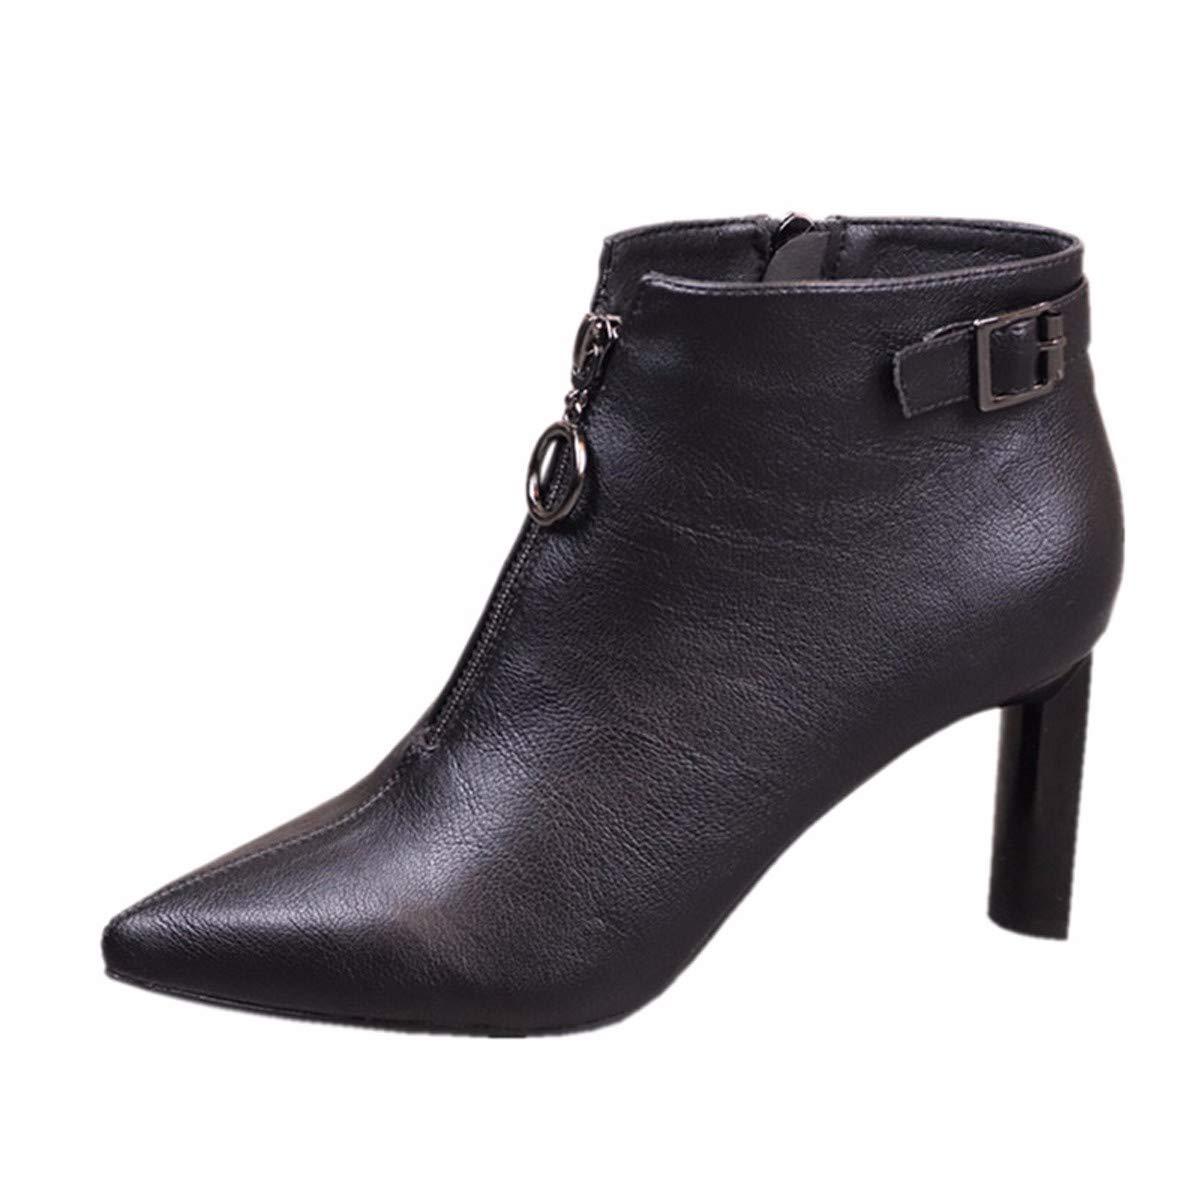 LBTSQ Damenschuhe Schwarz Stiefel Heel 7 cm Spitze Dicke Sohle Sohle Sohle Gürtel Mode Reißverschluss Stiefel f04d42